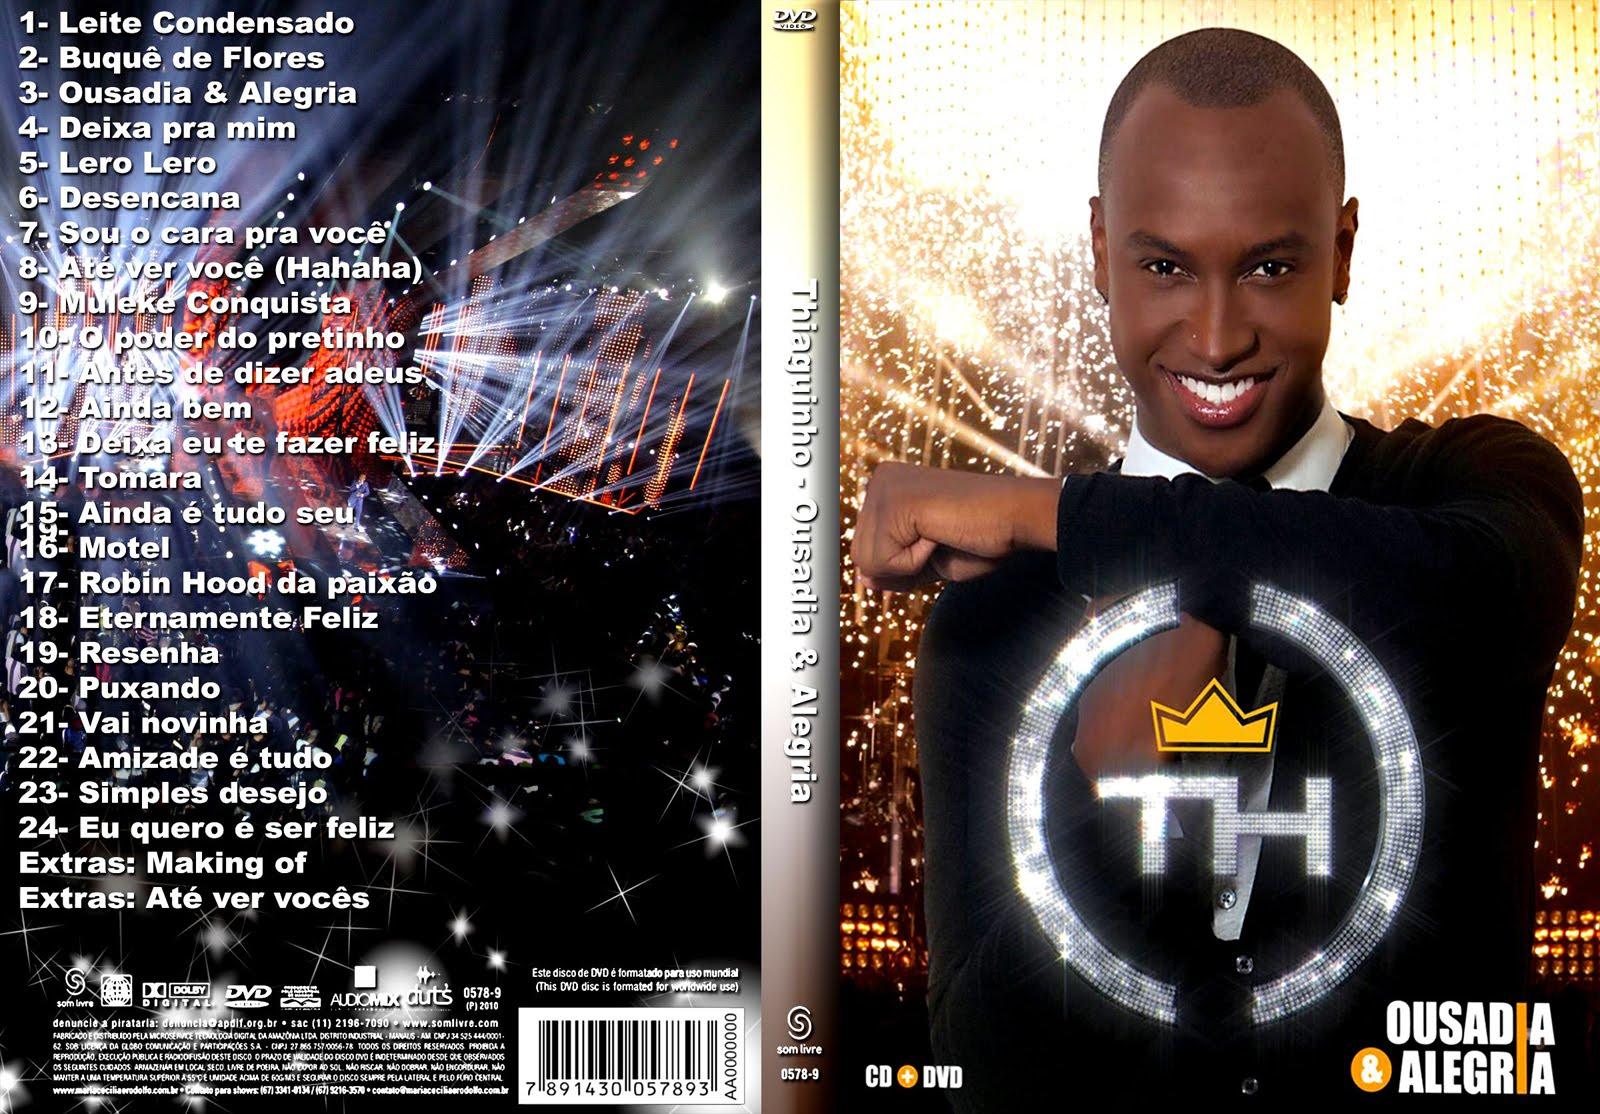 novo cd thiaguinho 2012 ousadia e alegria gratis